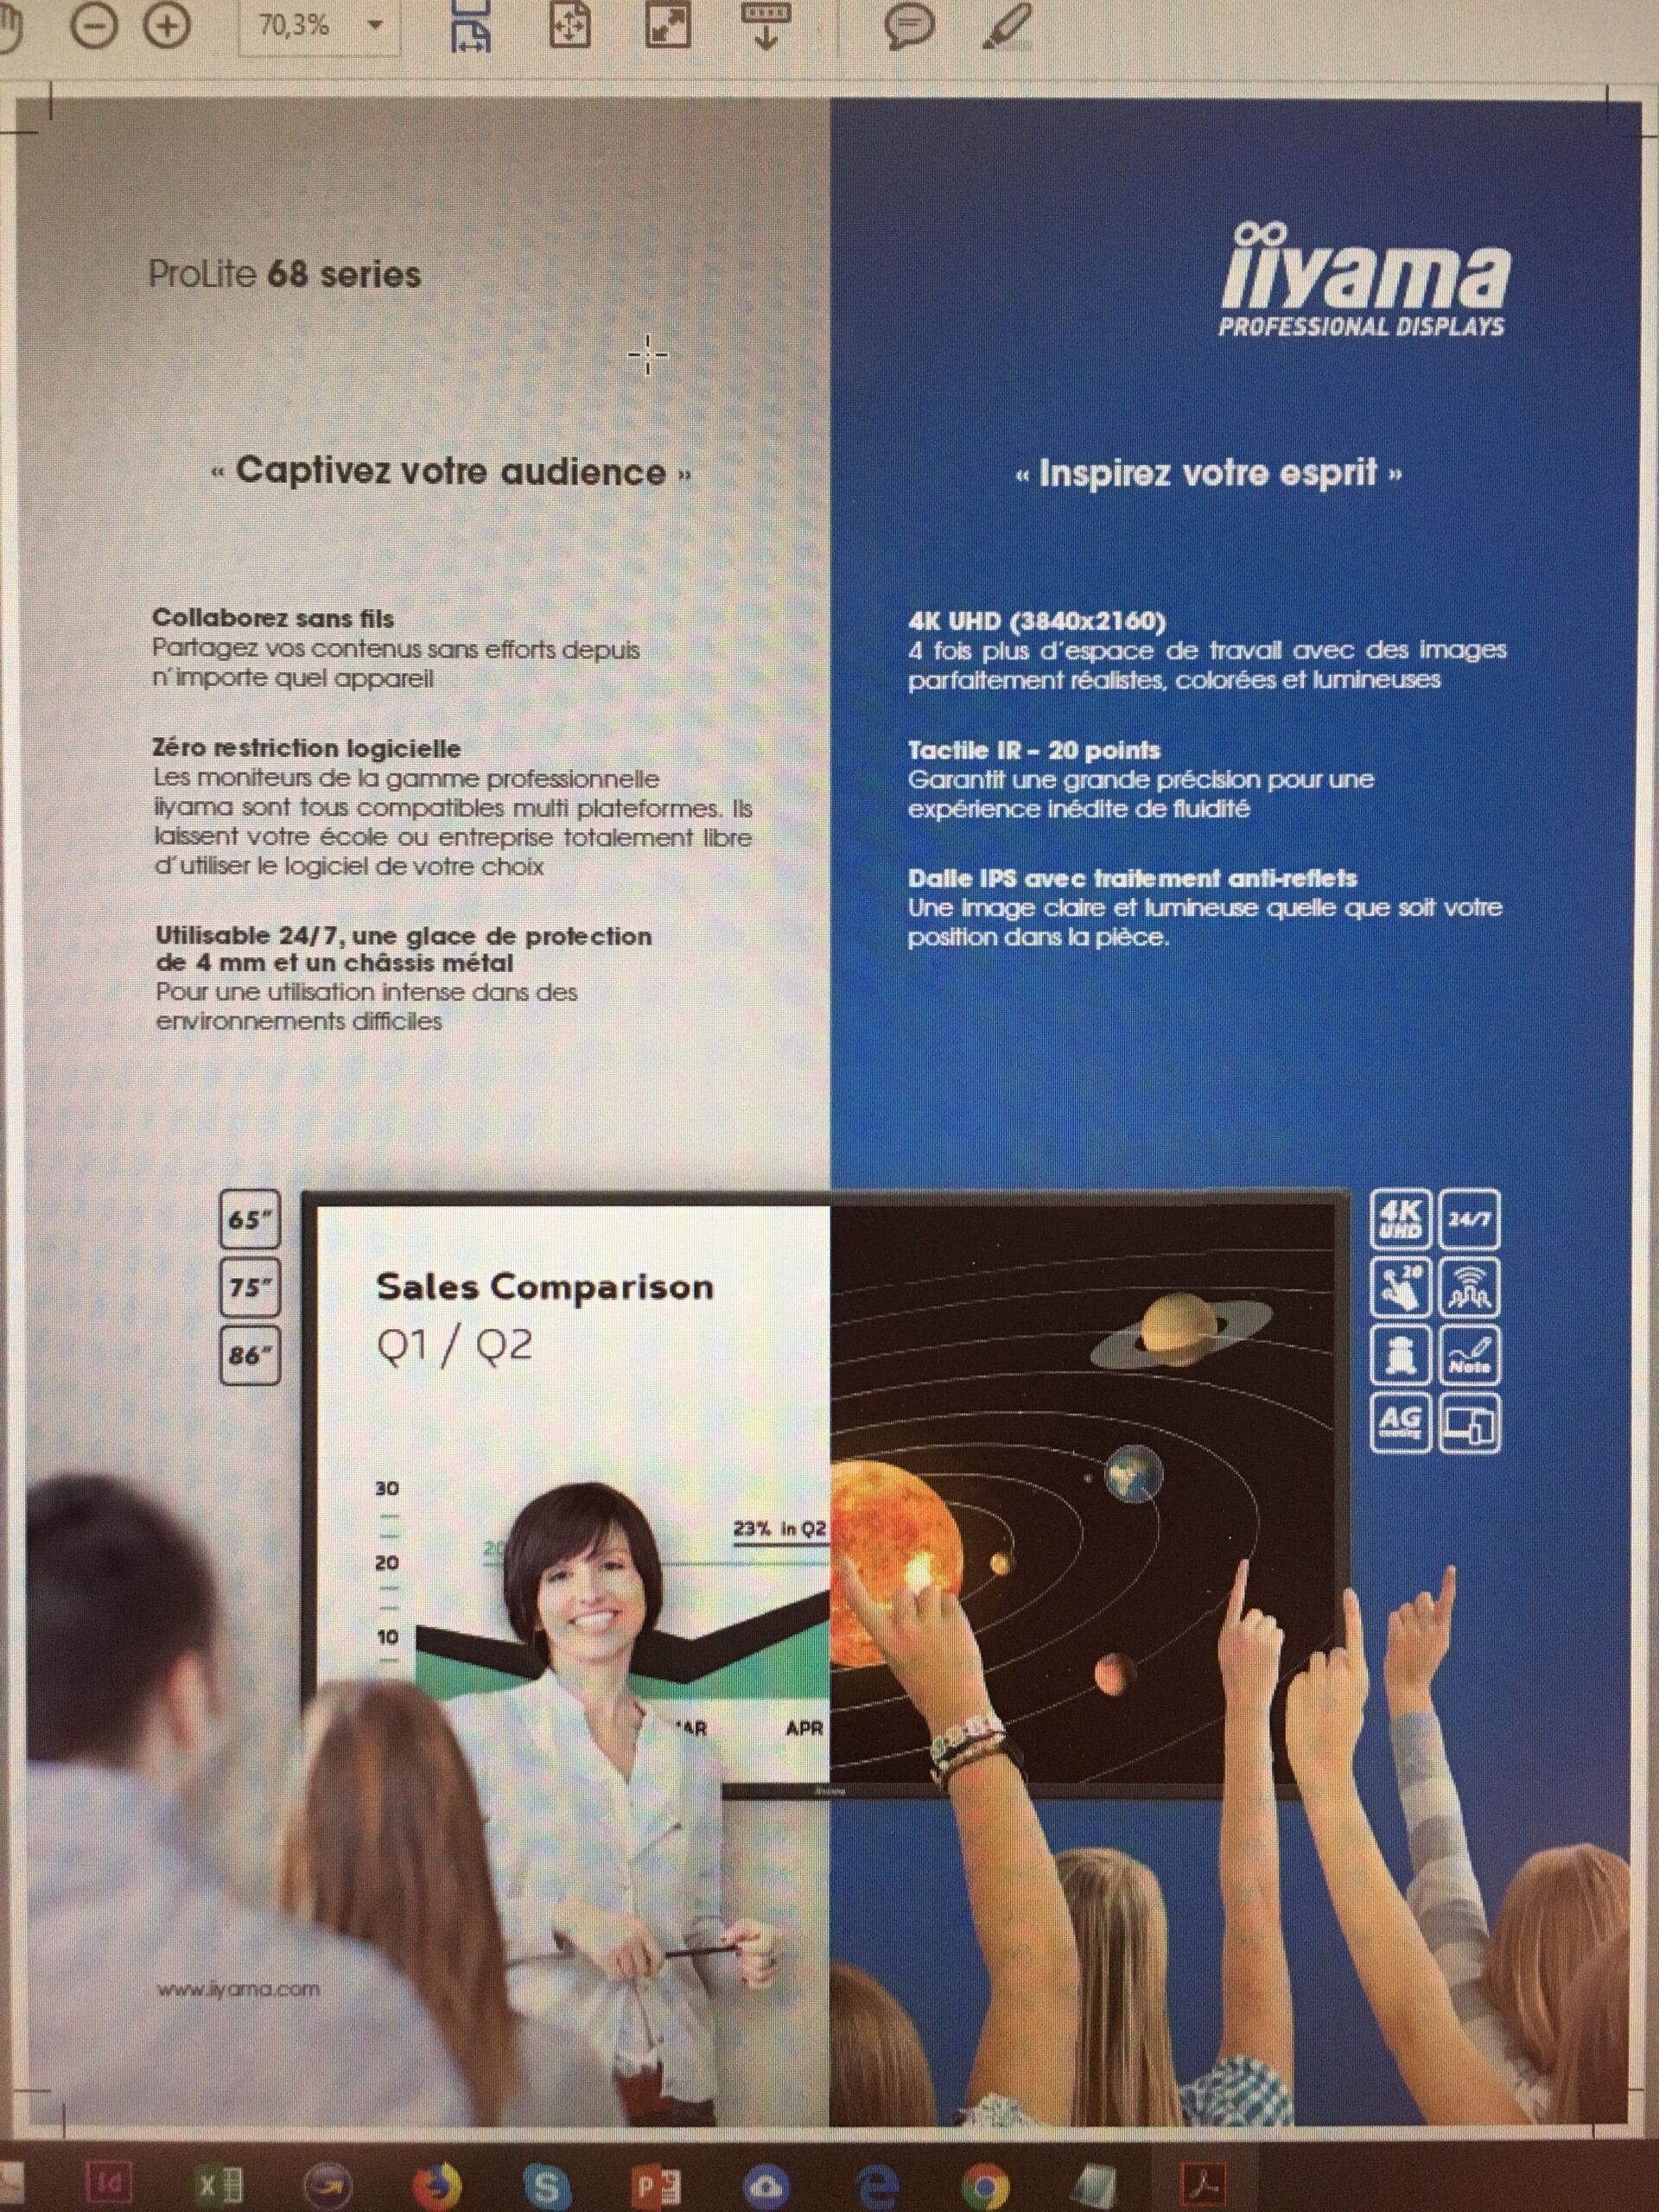 iiyama advertentie voor Interactieve large format displays